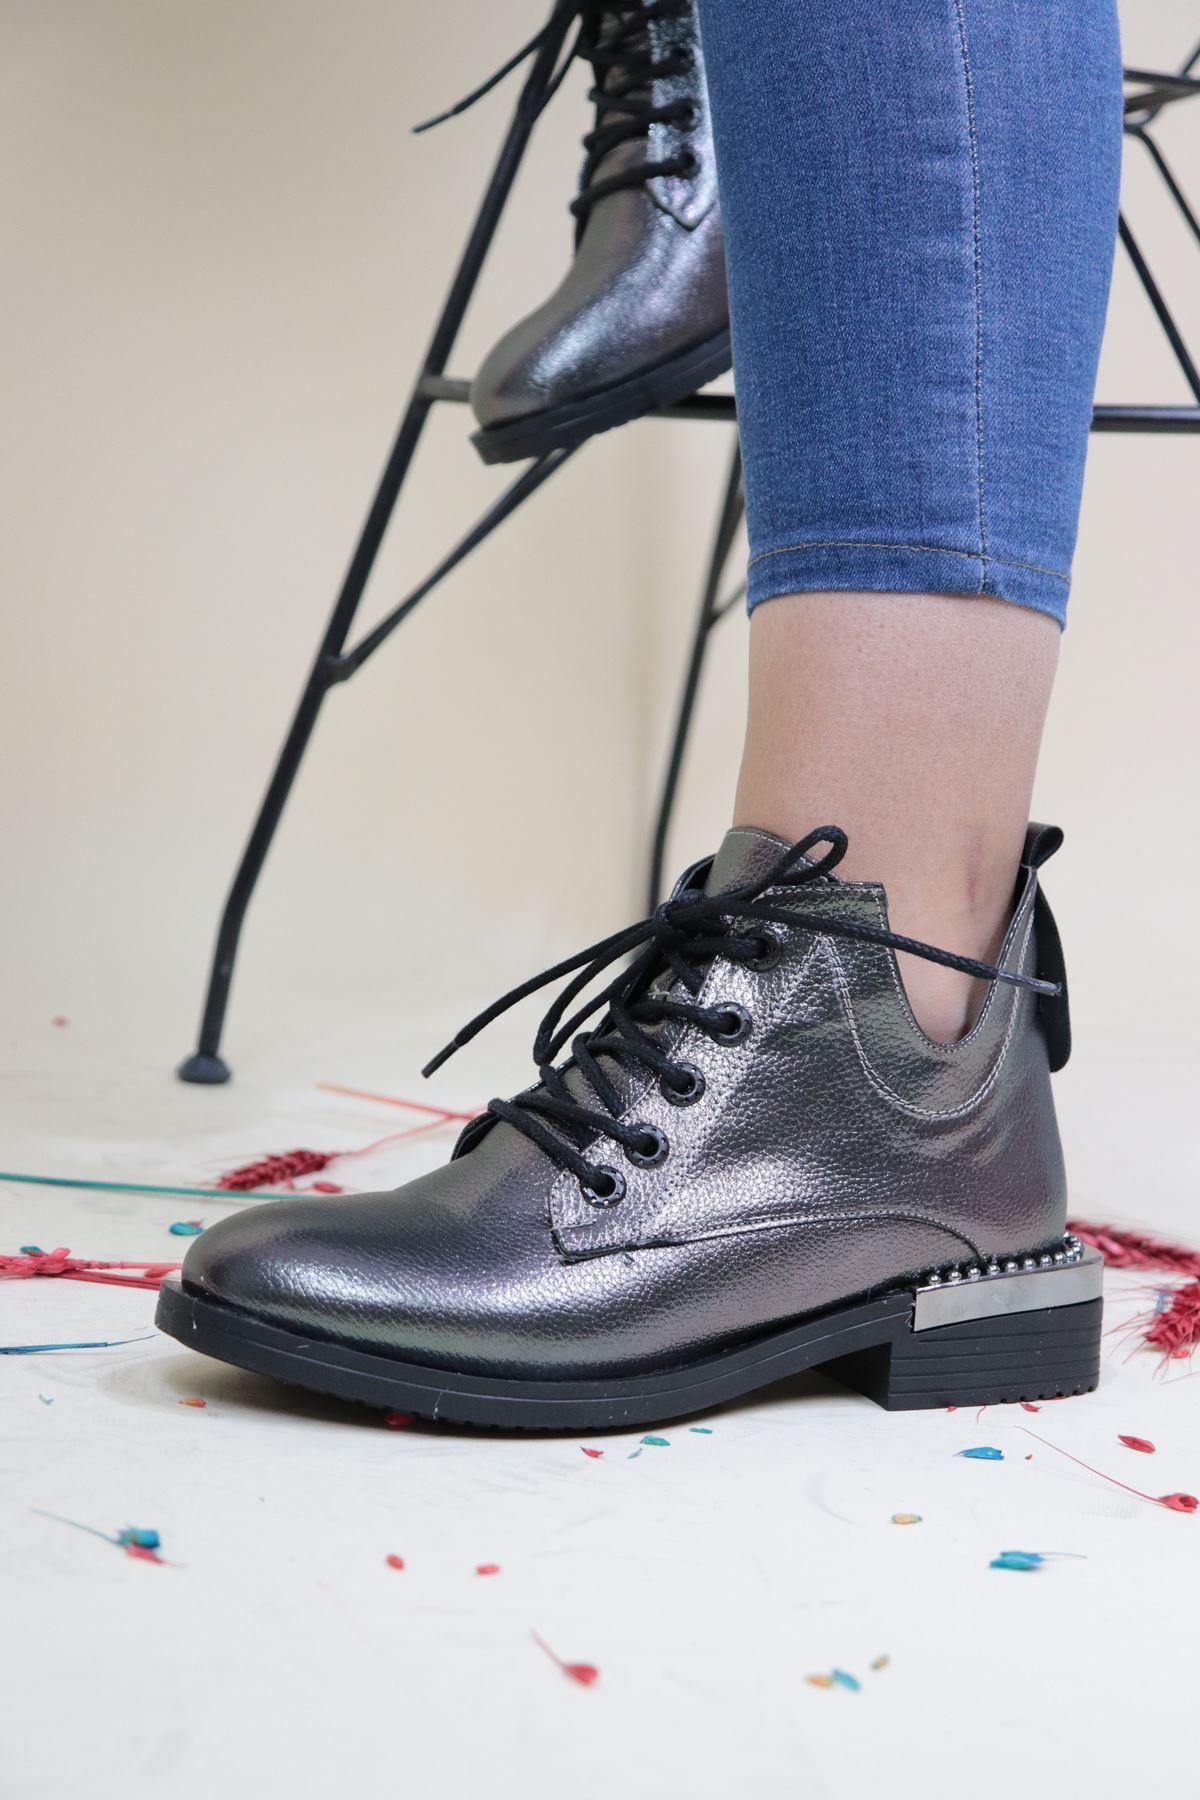 Trendayakkabi - Platin Zımbalı Kadın Bot